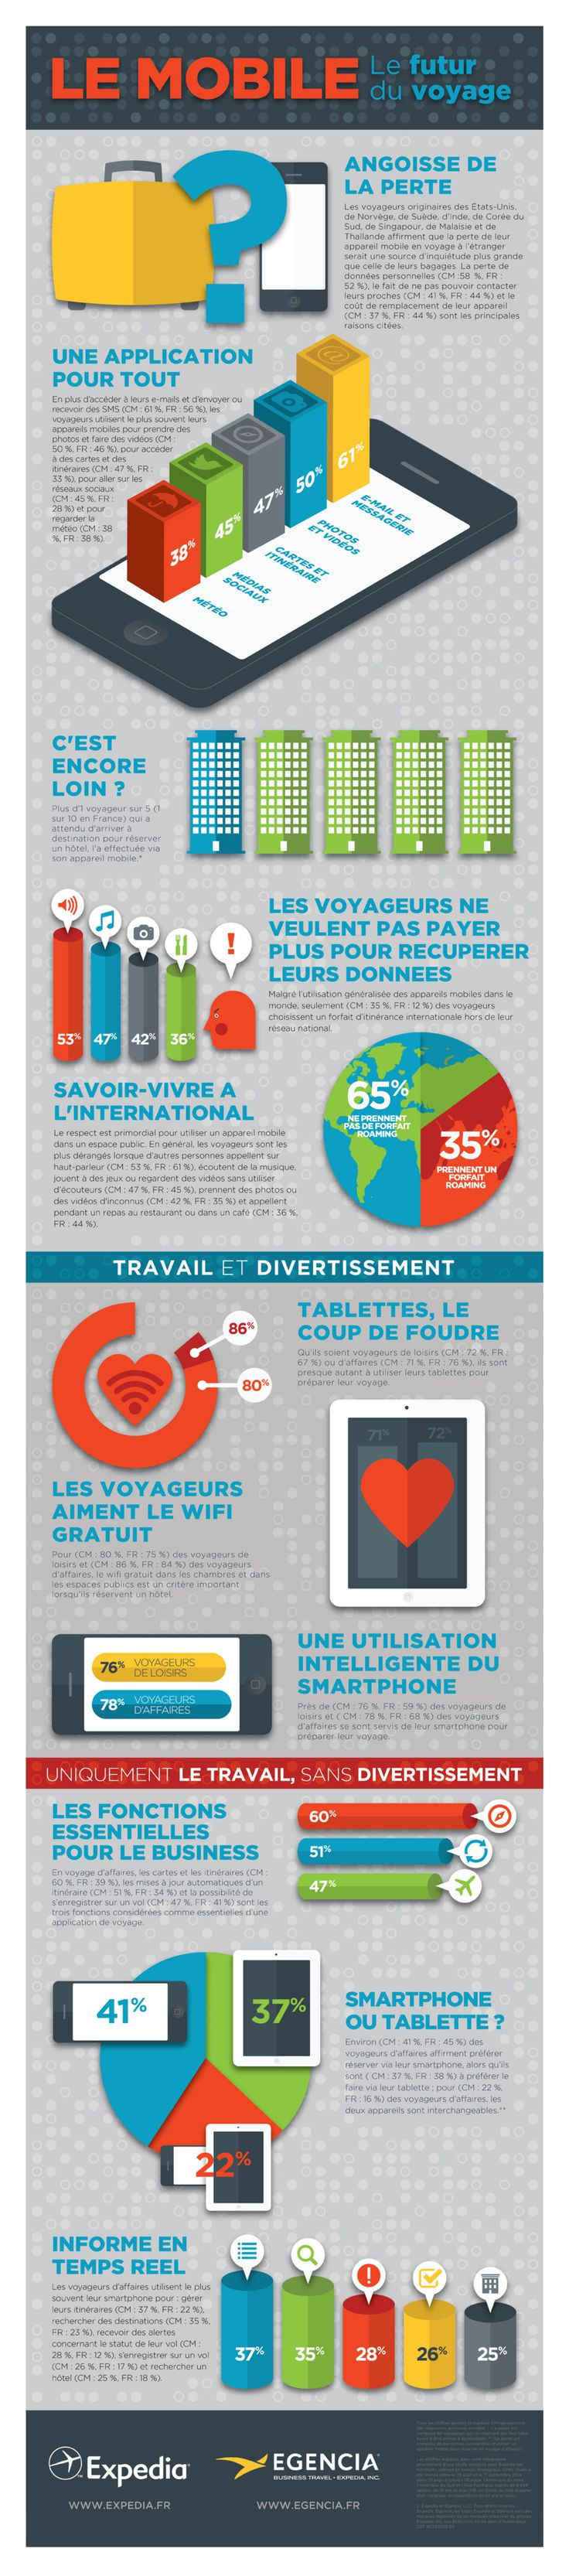 Le mobile au coeur des usages des consommateurs